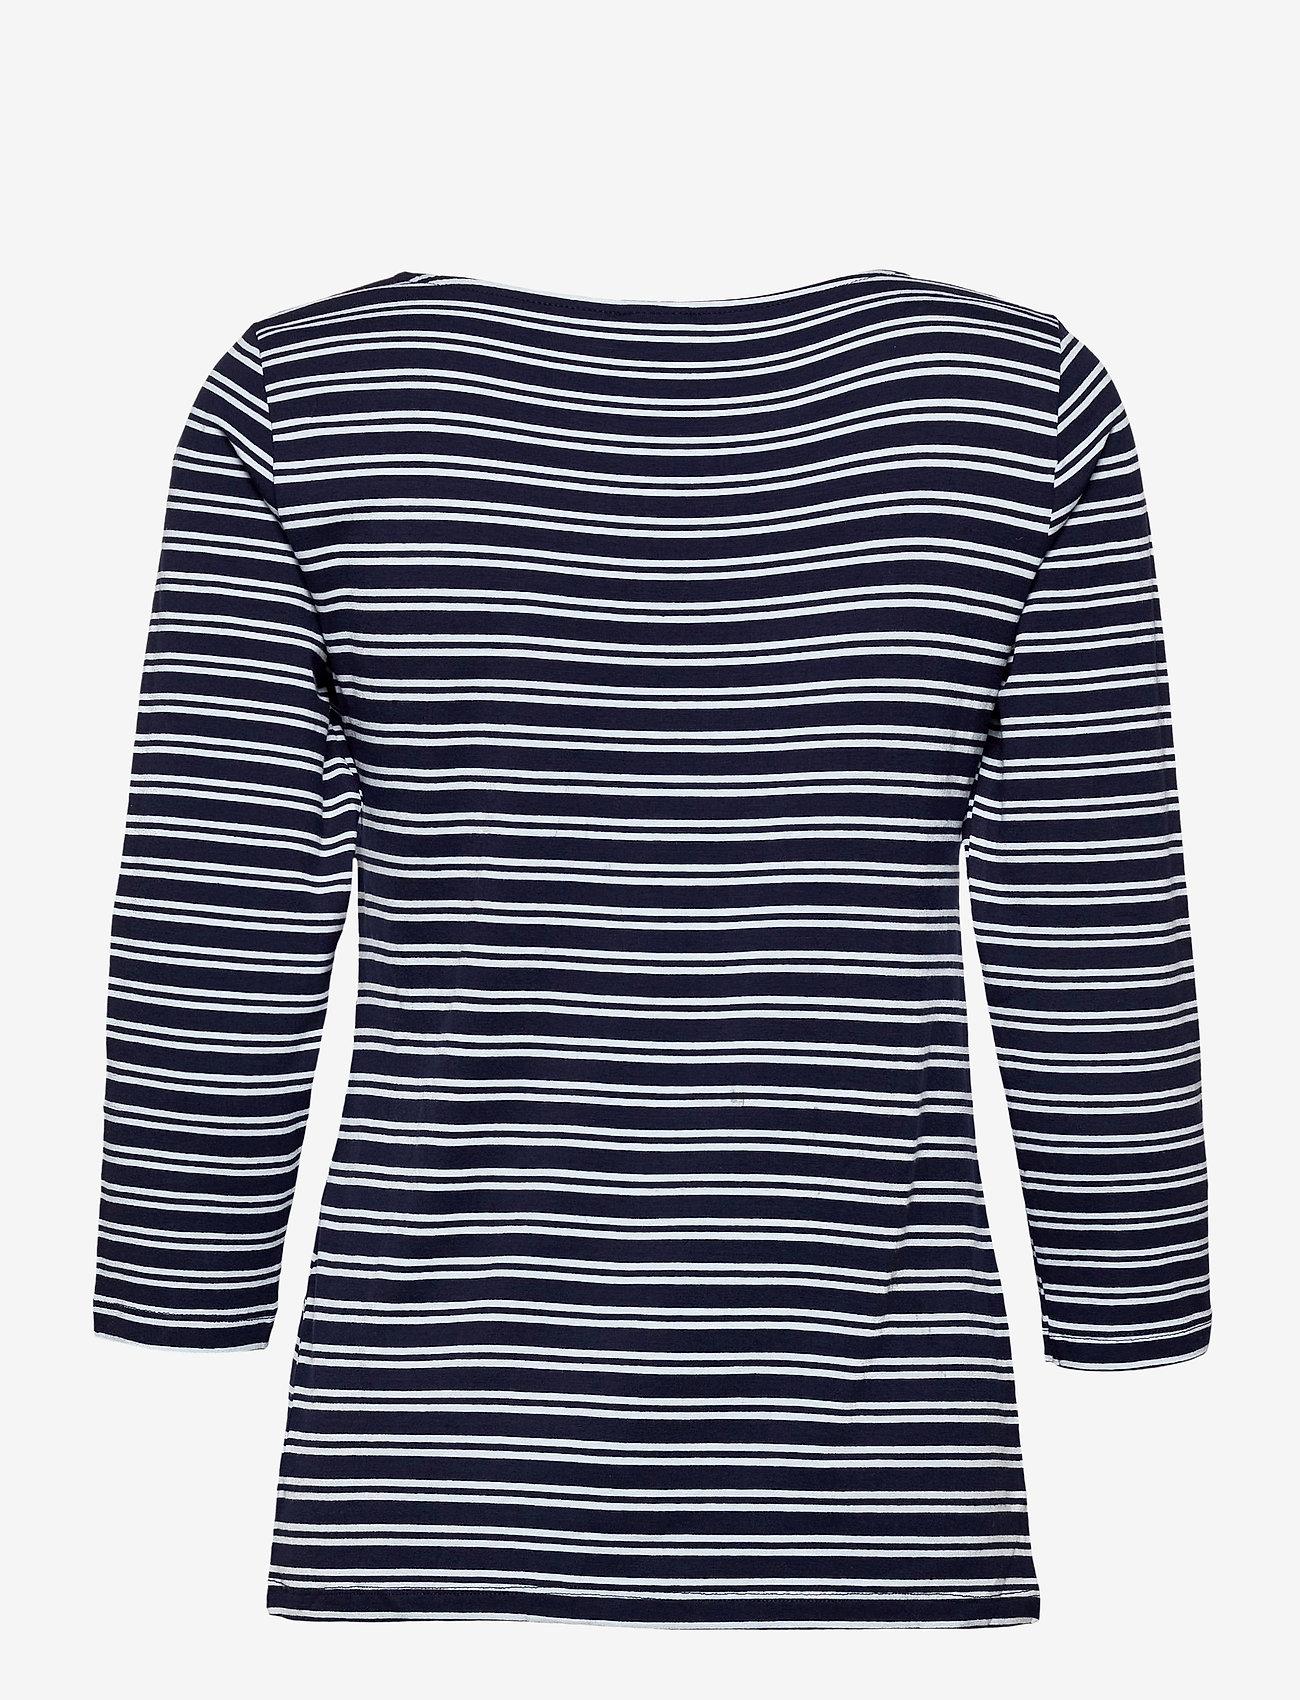 Nanso - Ladies blouse, Virna - tops met lange mouwen - blue - 1